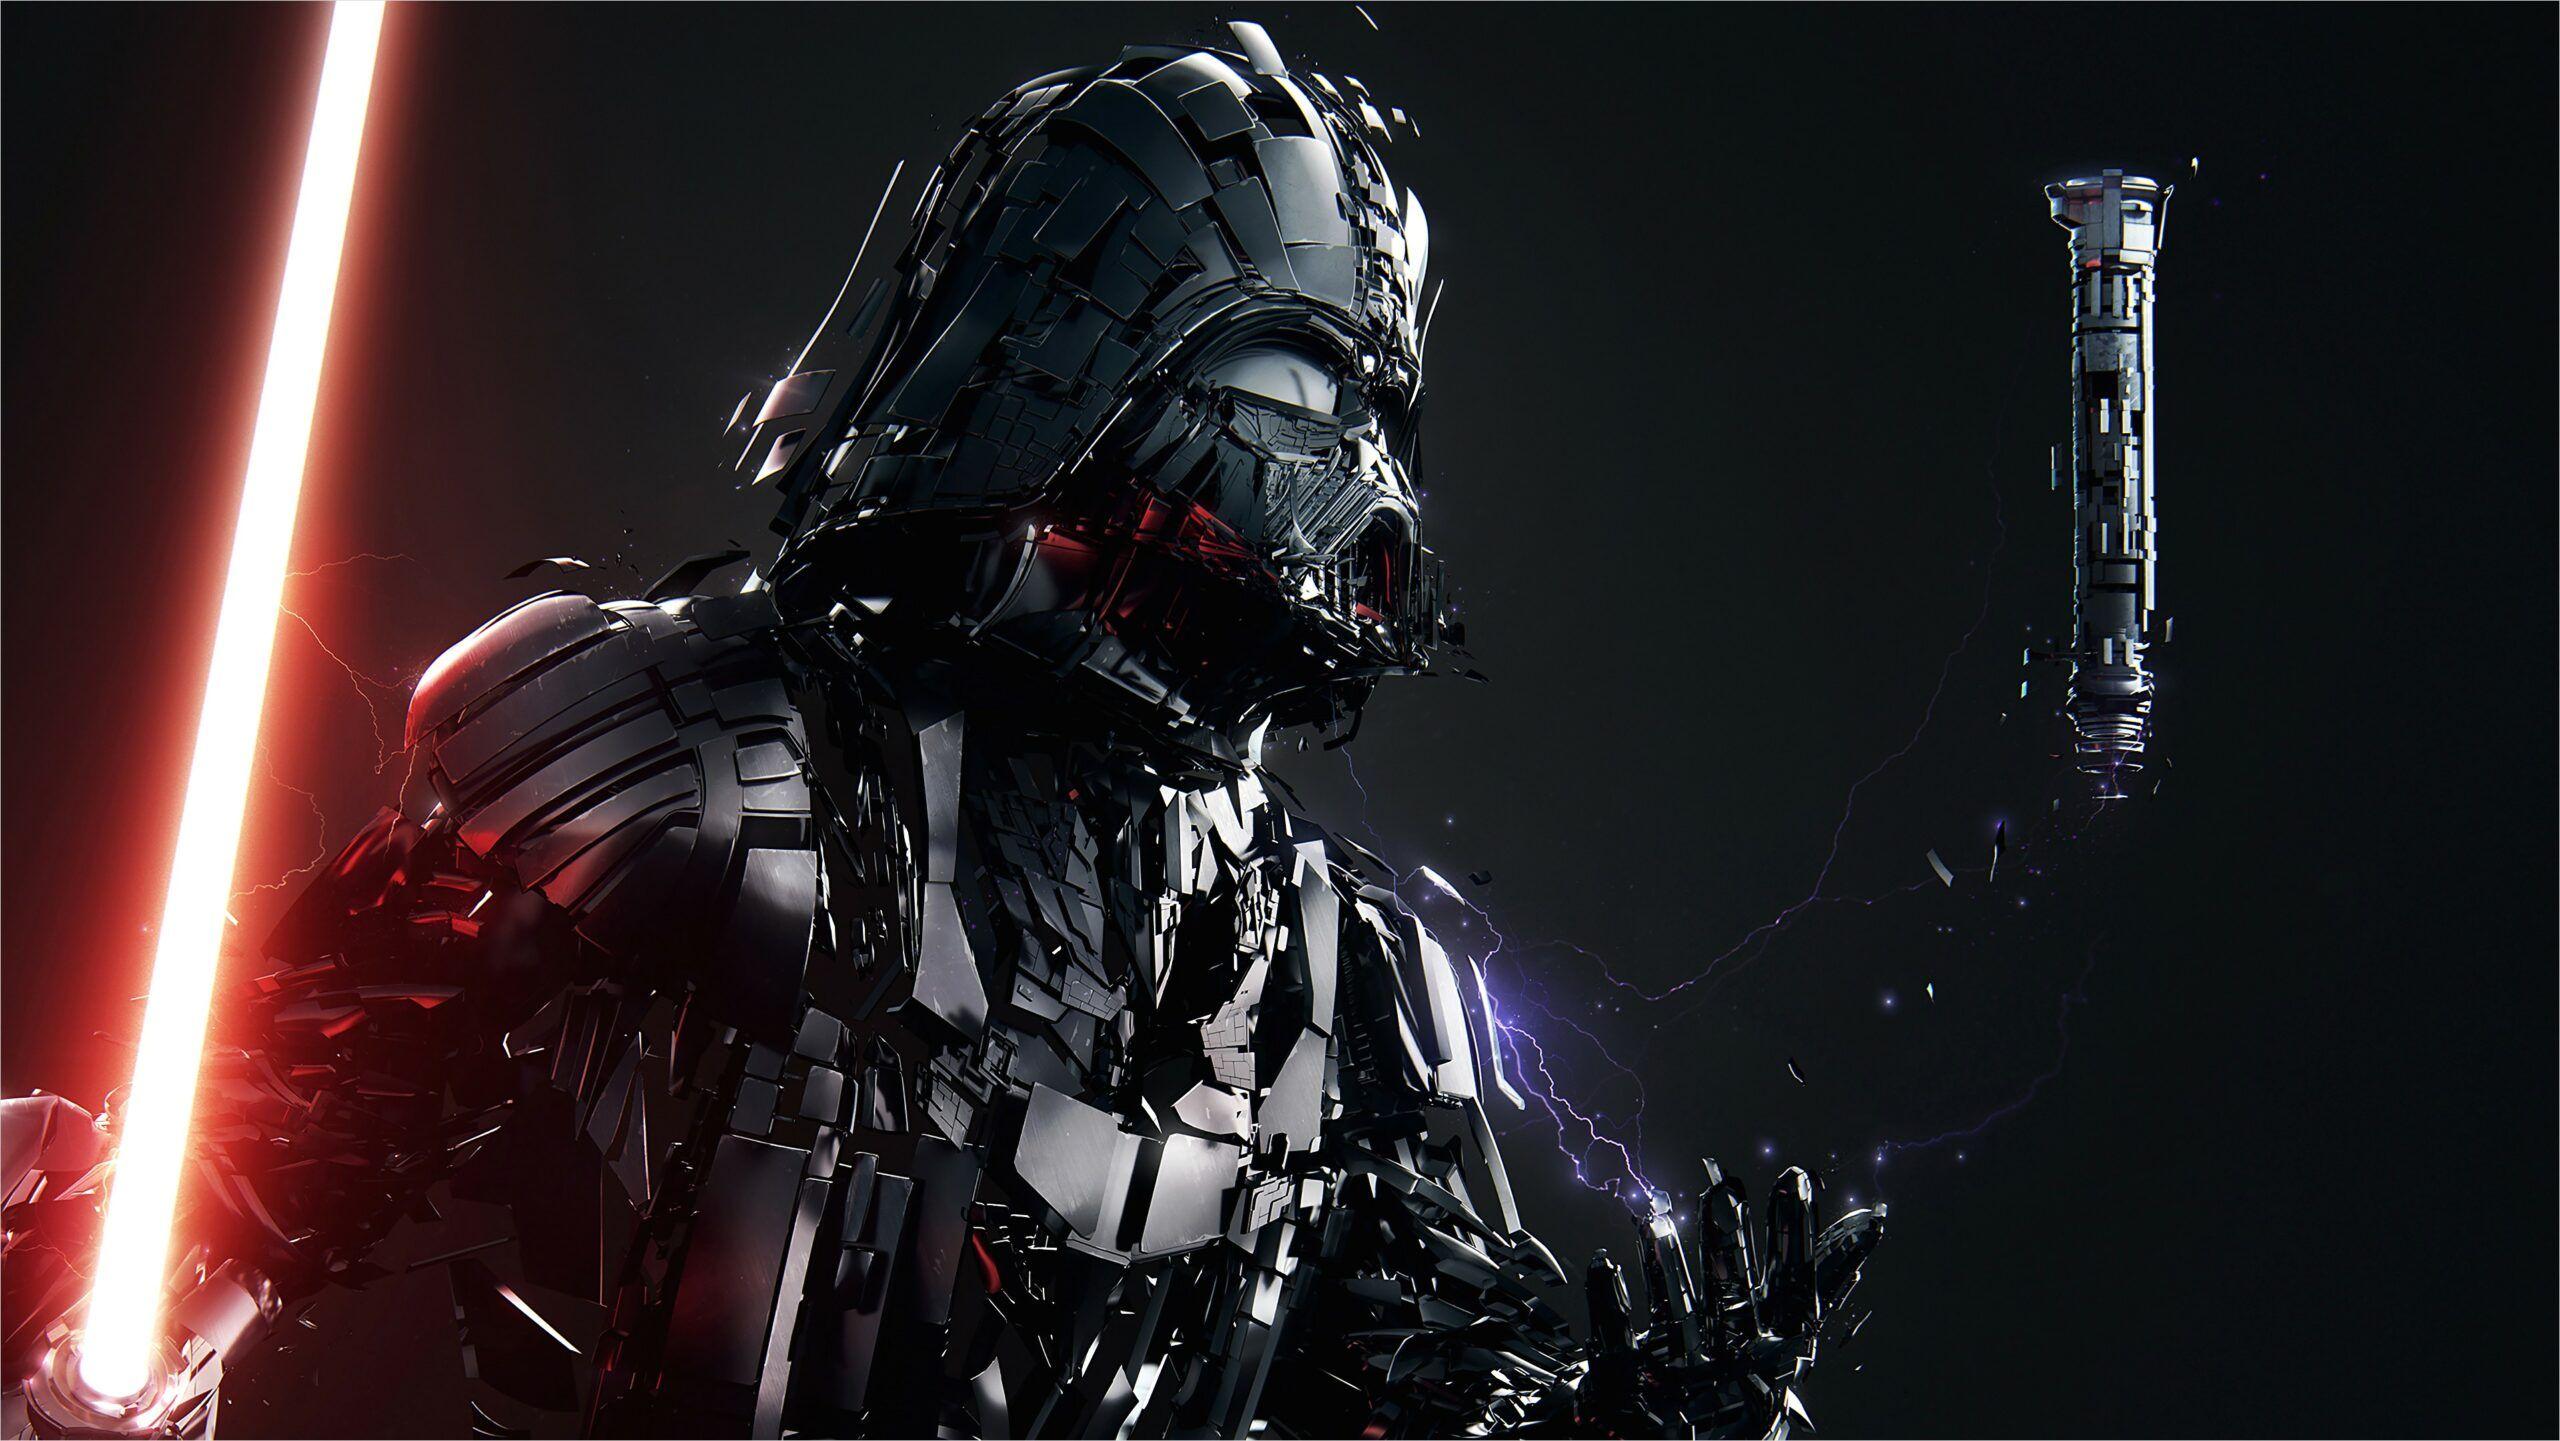 4k Wallpaper Darth Vader In 2020 Darth Vader Wallpaper Star Wars Wallpaper Star Wars Fan Art